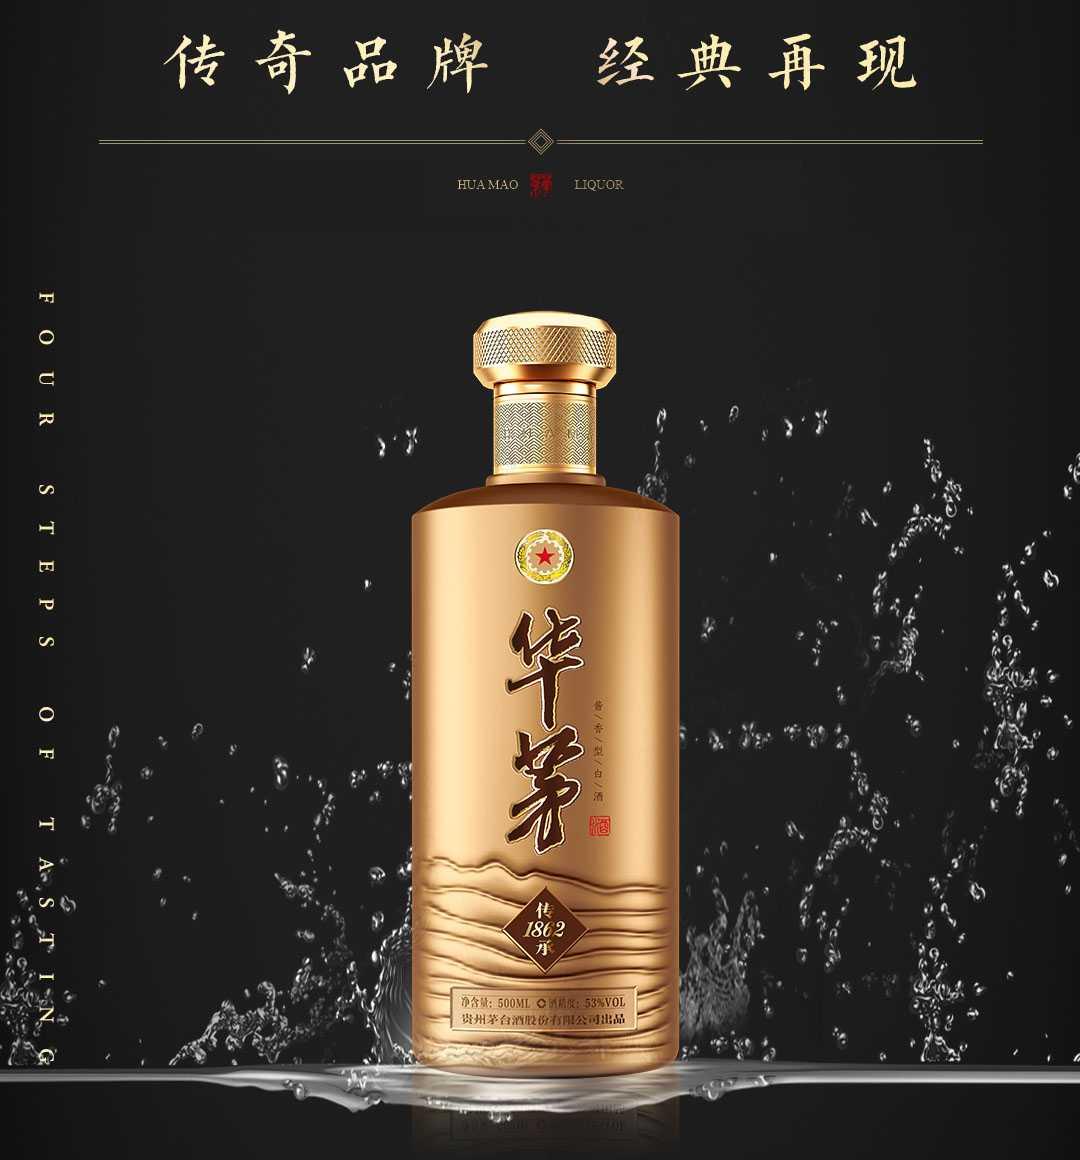 华茅酒,华茅传承1862酒